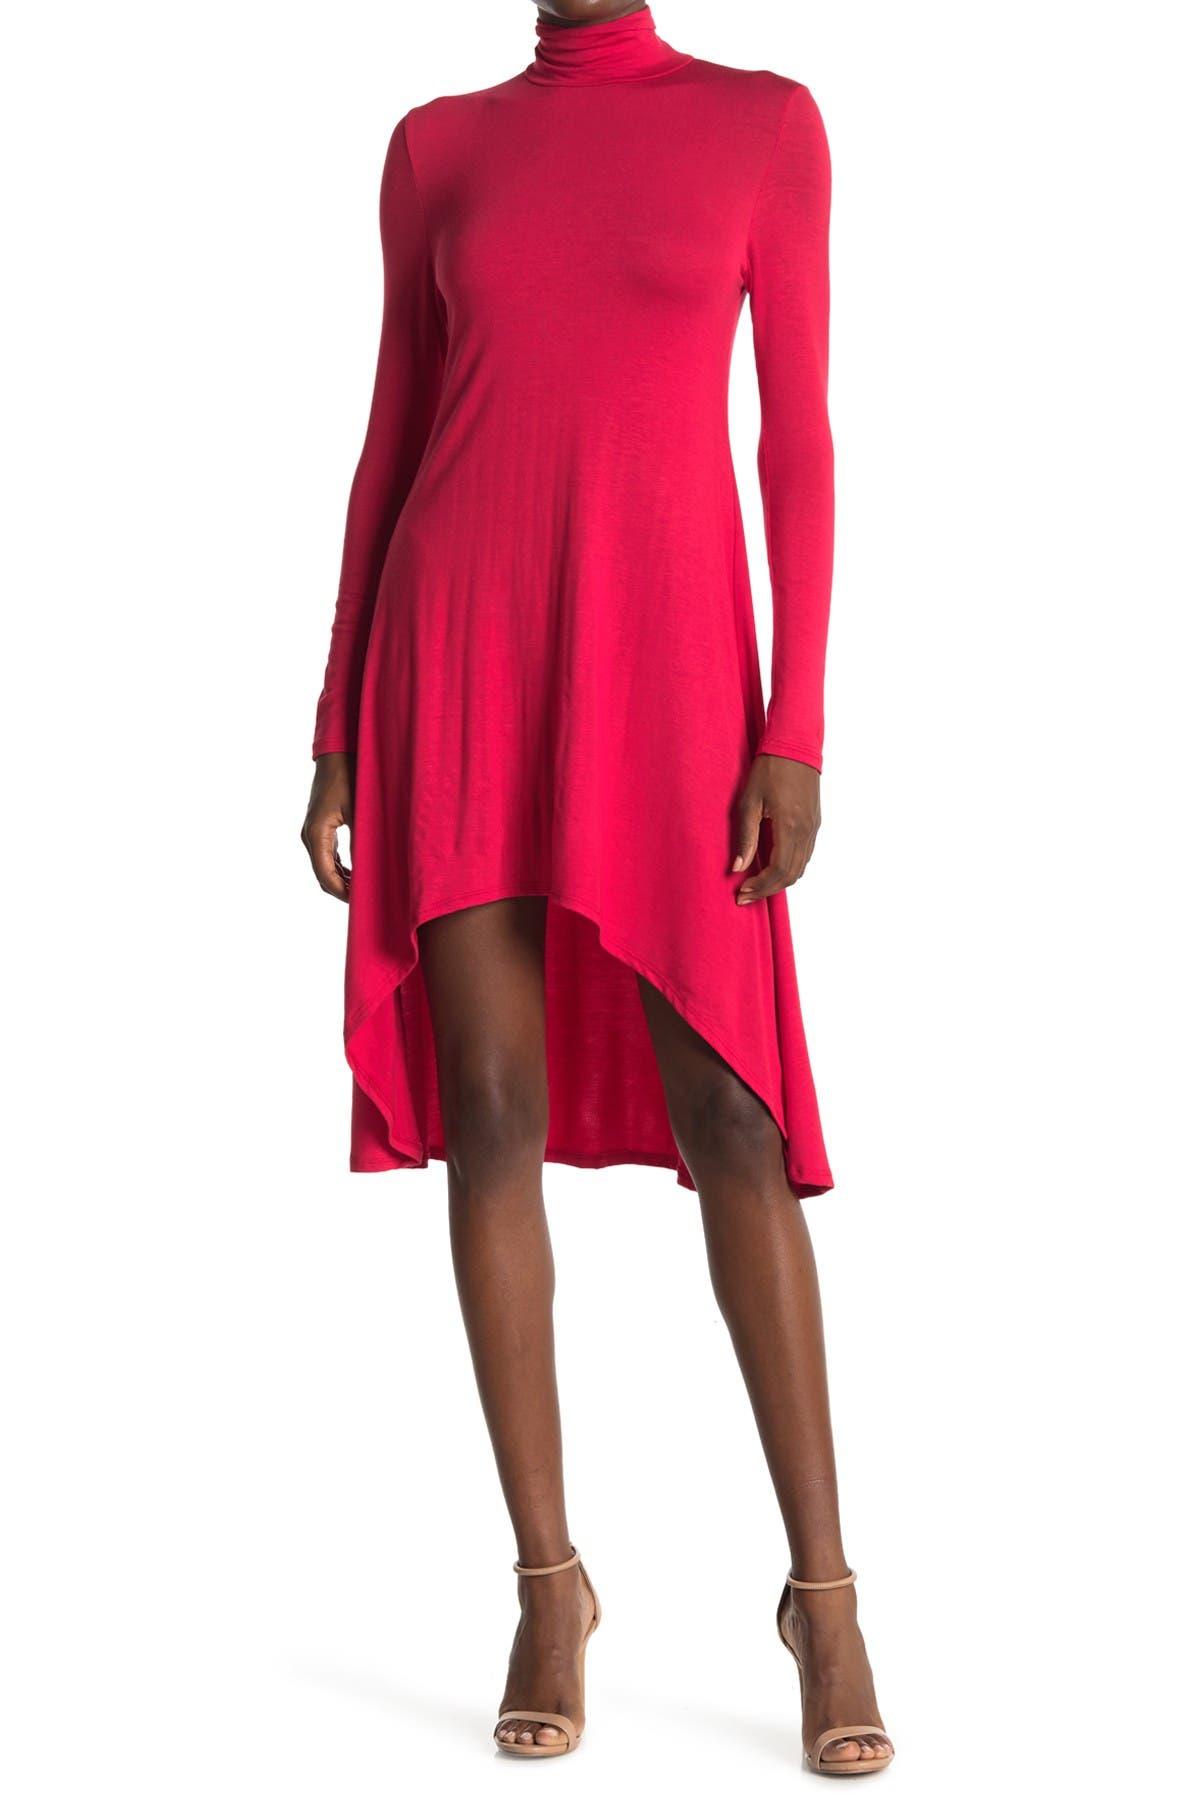 Image of Velvet Torch Mock Neck High/Low Hem Skater Dress